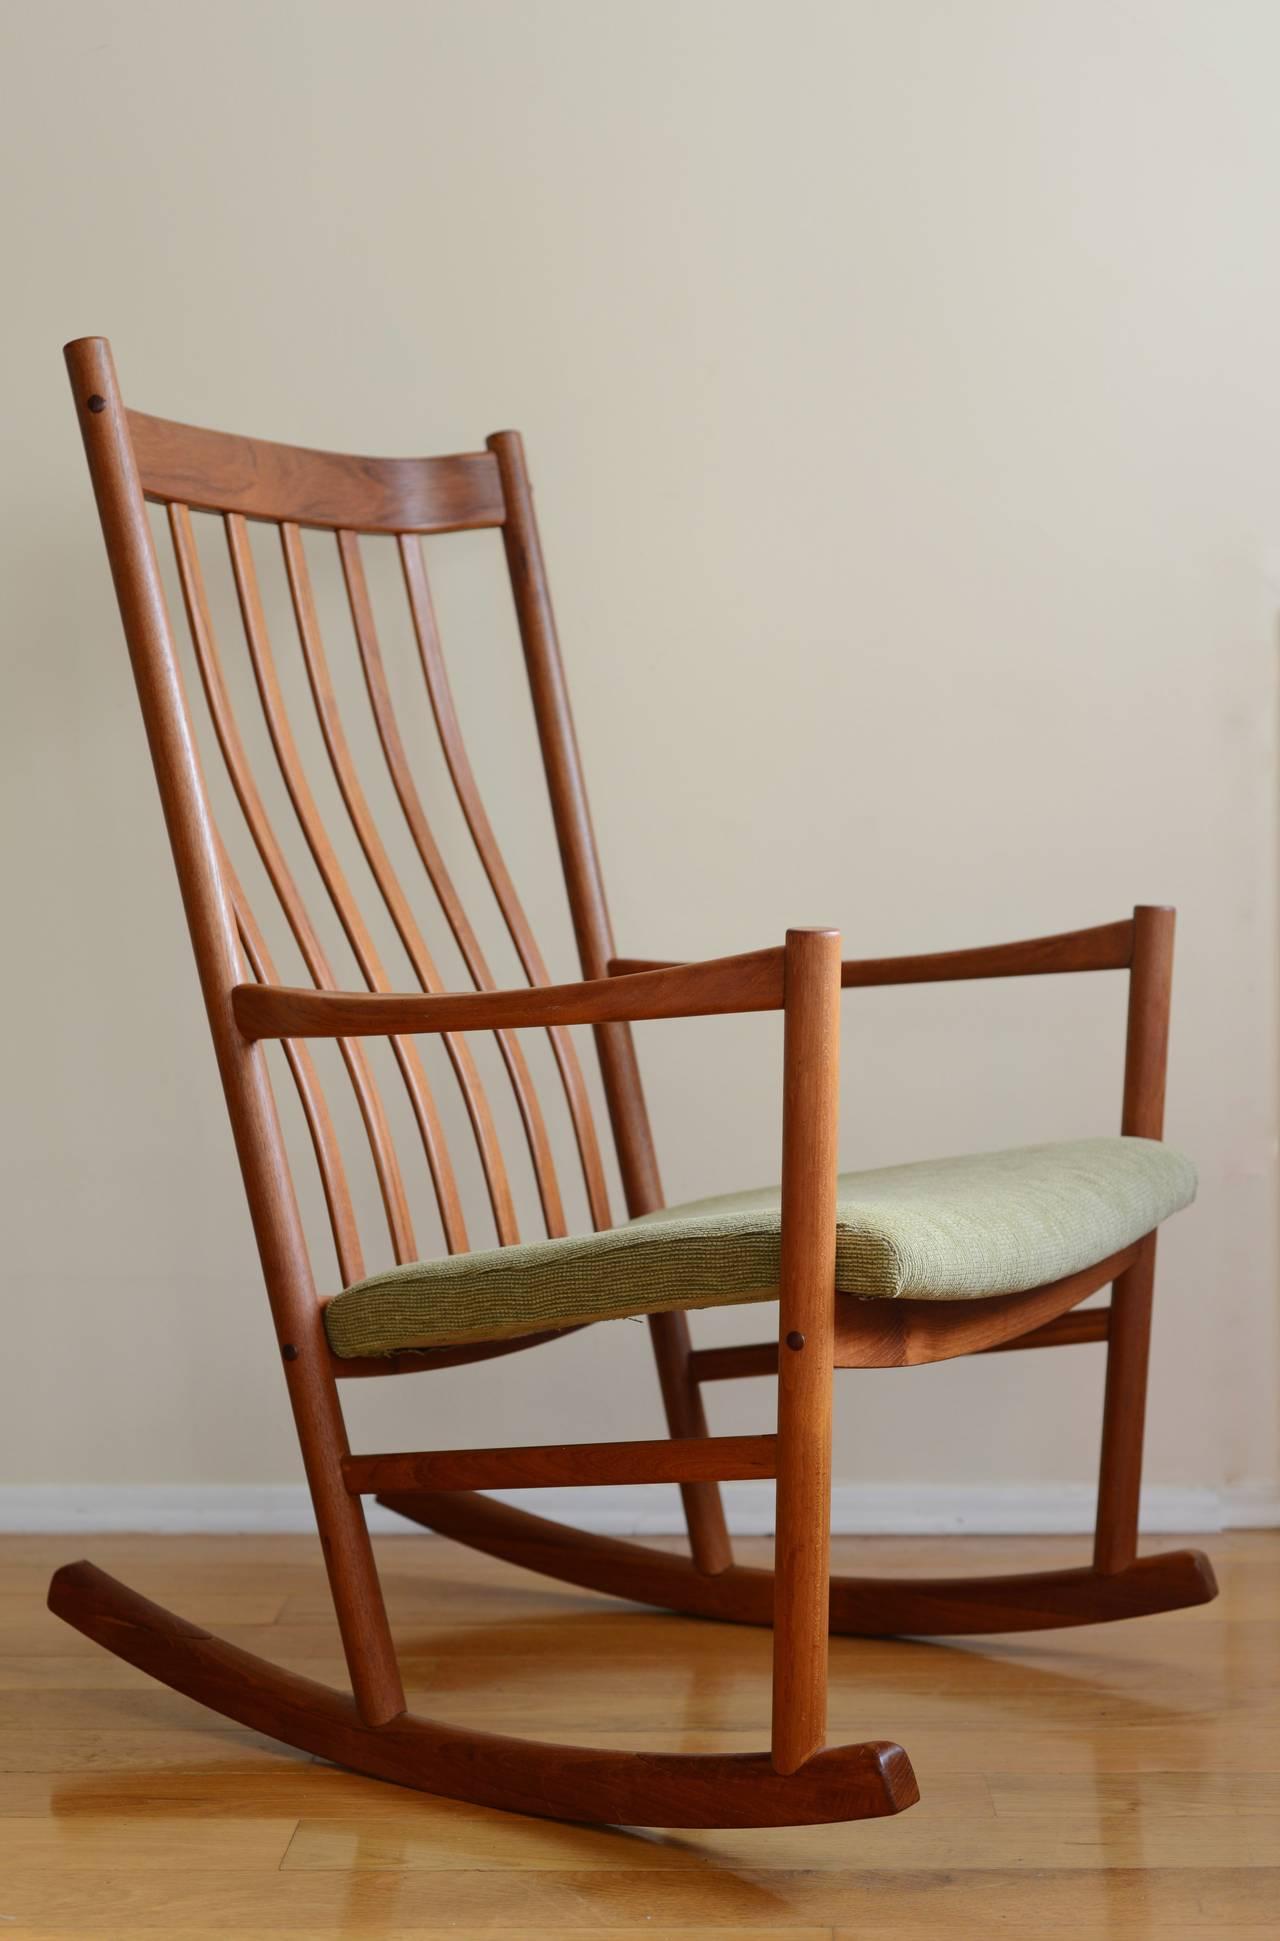 hans wegner rocking chair desk blue teak at 1stdibs